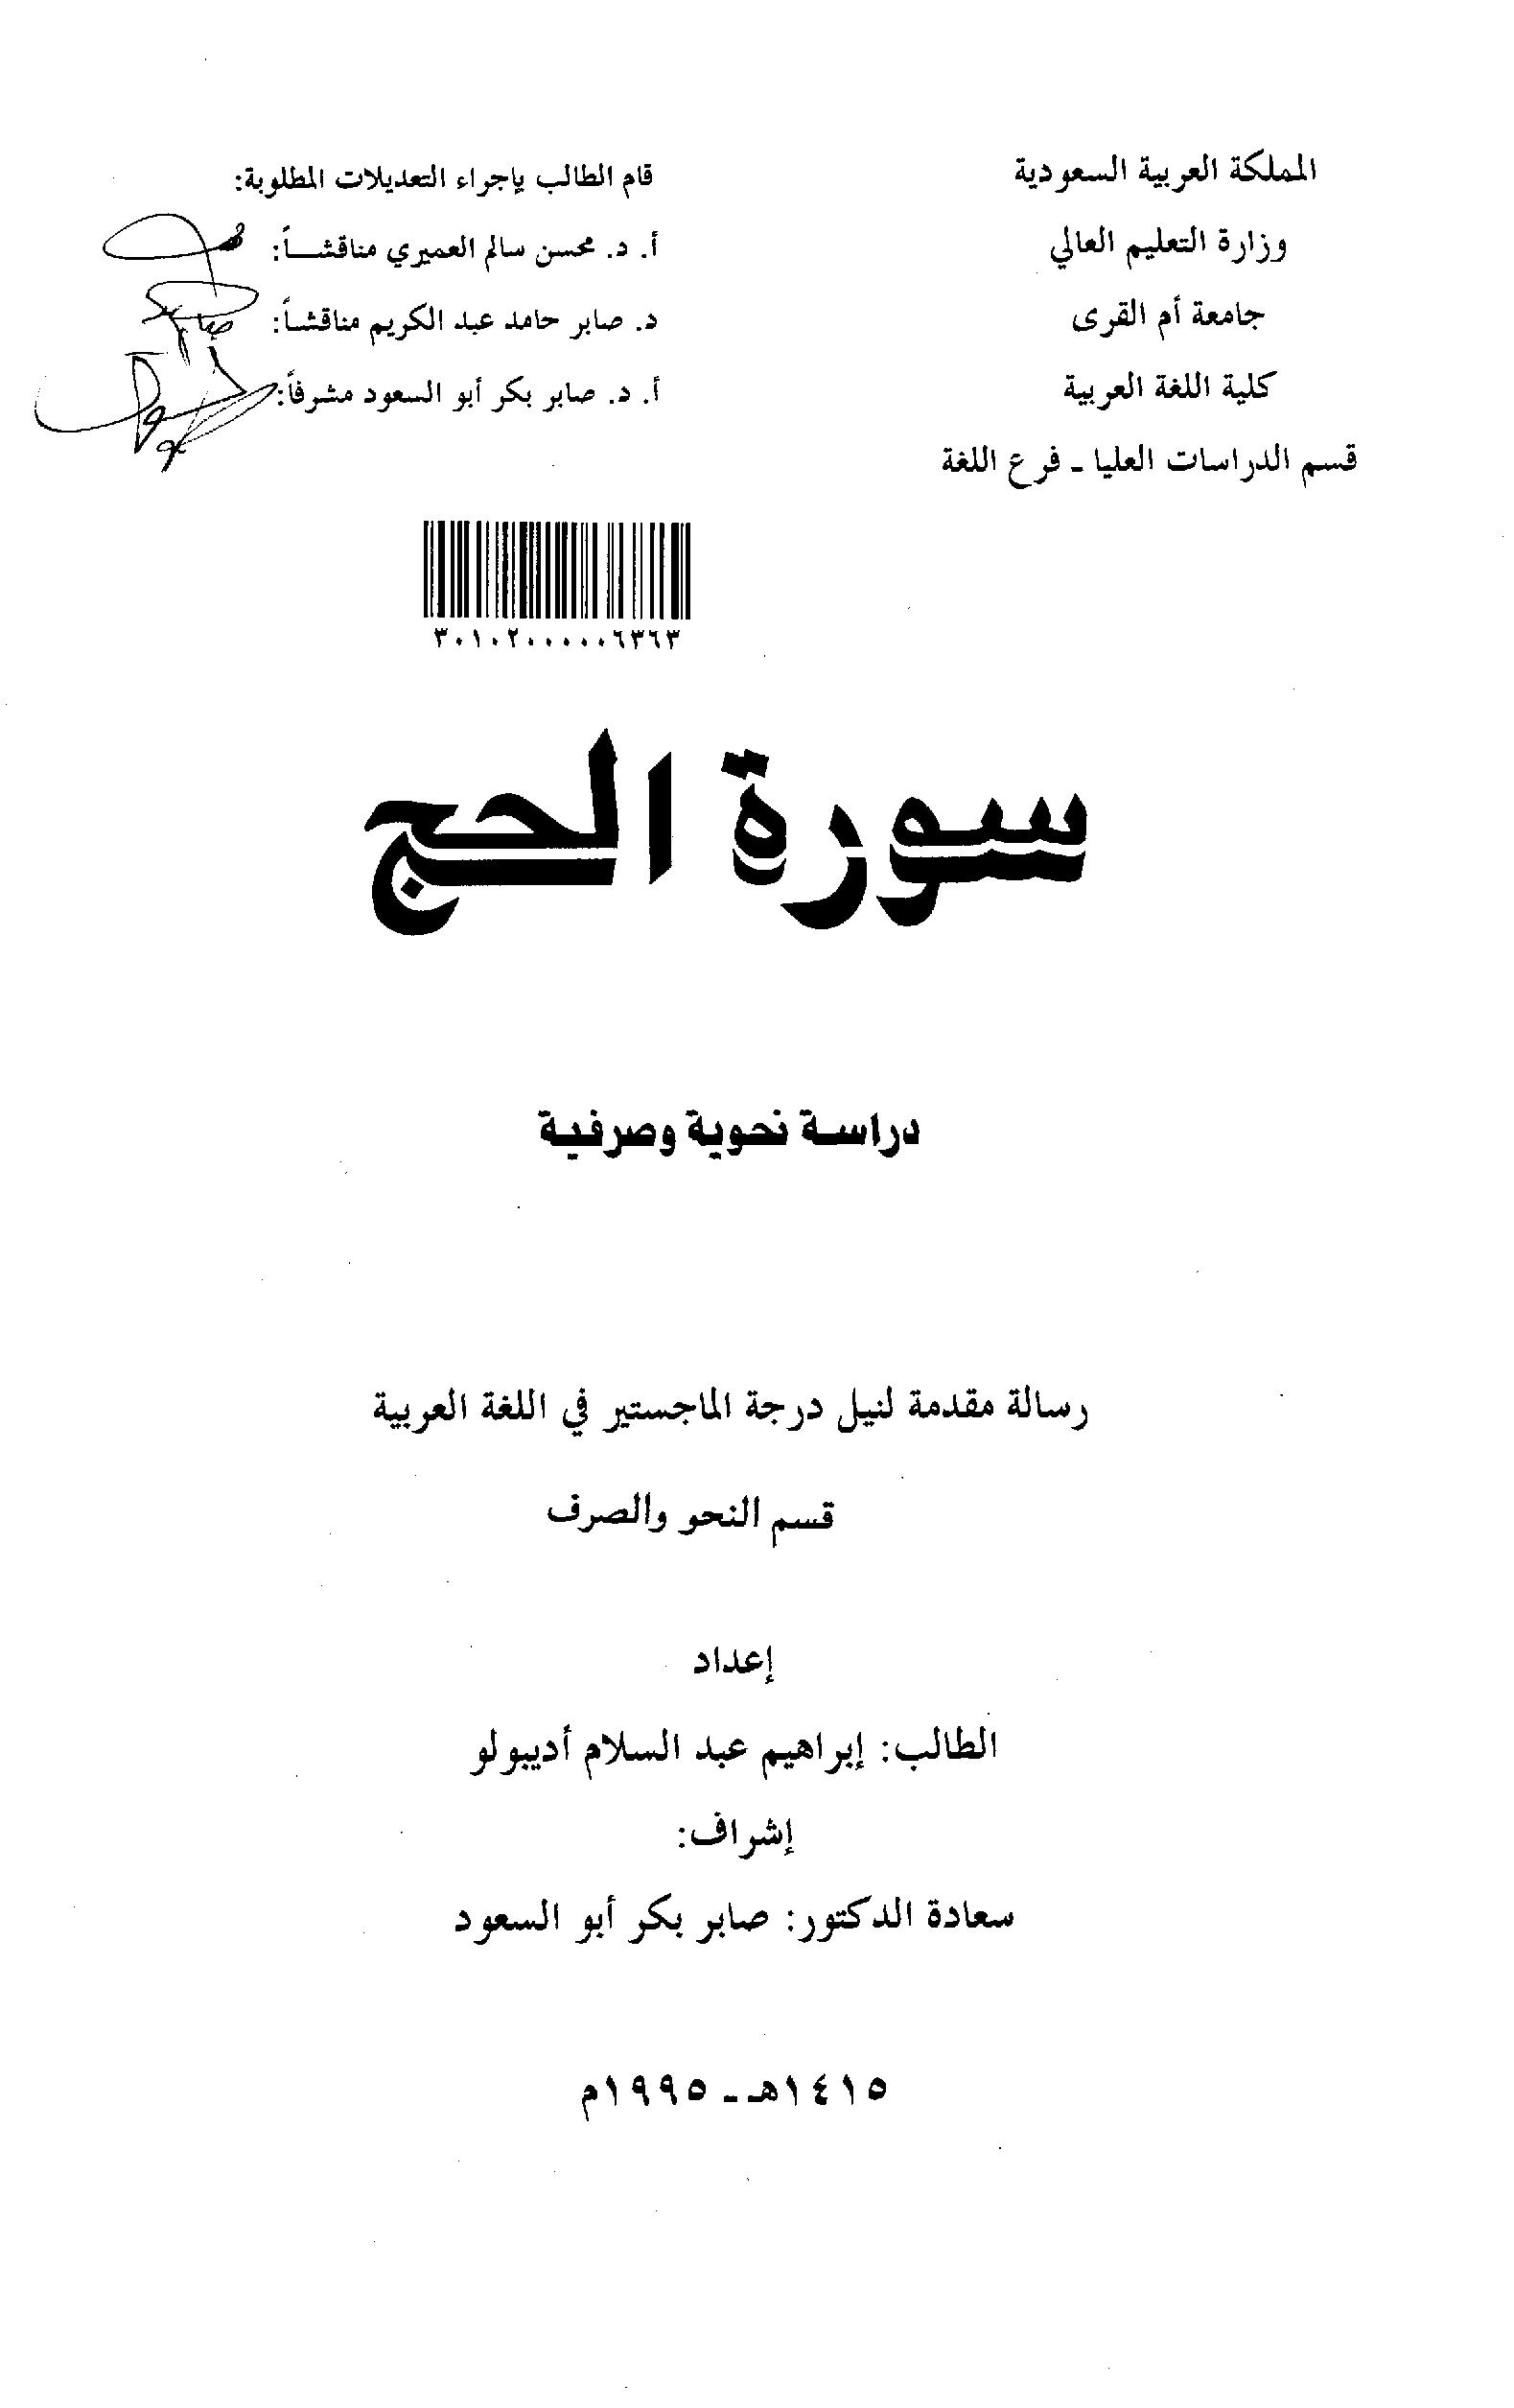 تحميل كتاب سورة الحج (دراسة نحوية وصرفية) لـِ: إبراهيم عبد السلام أديبولو